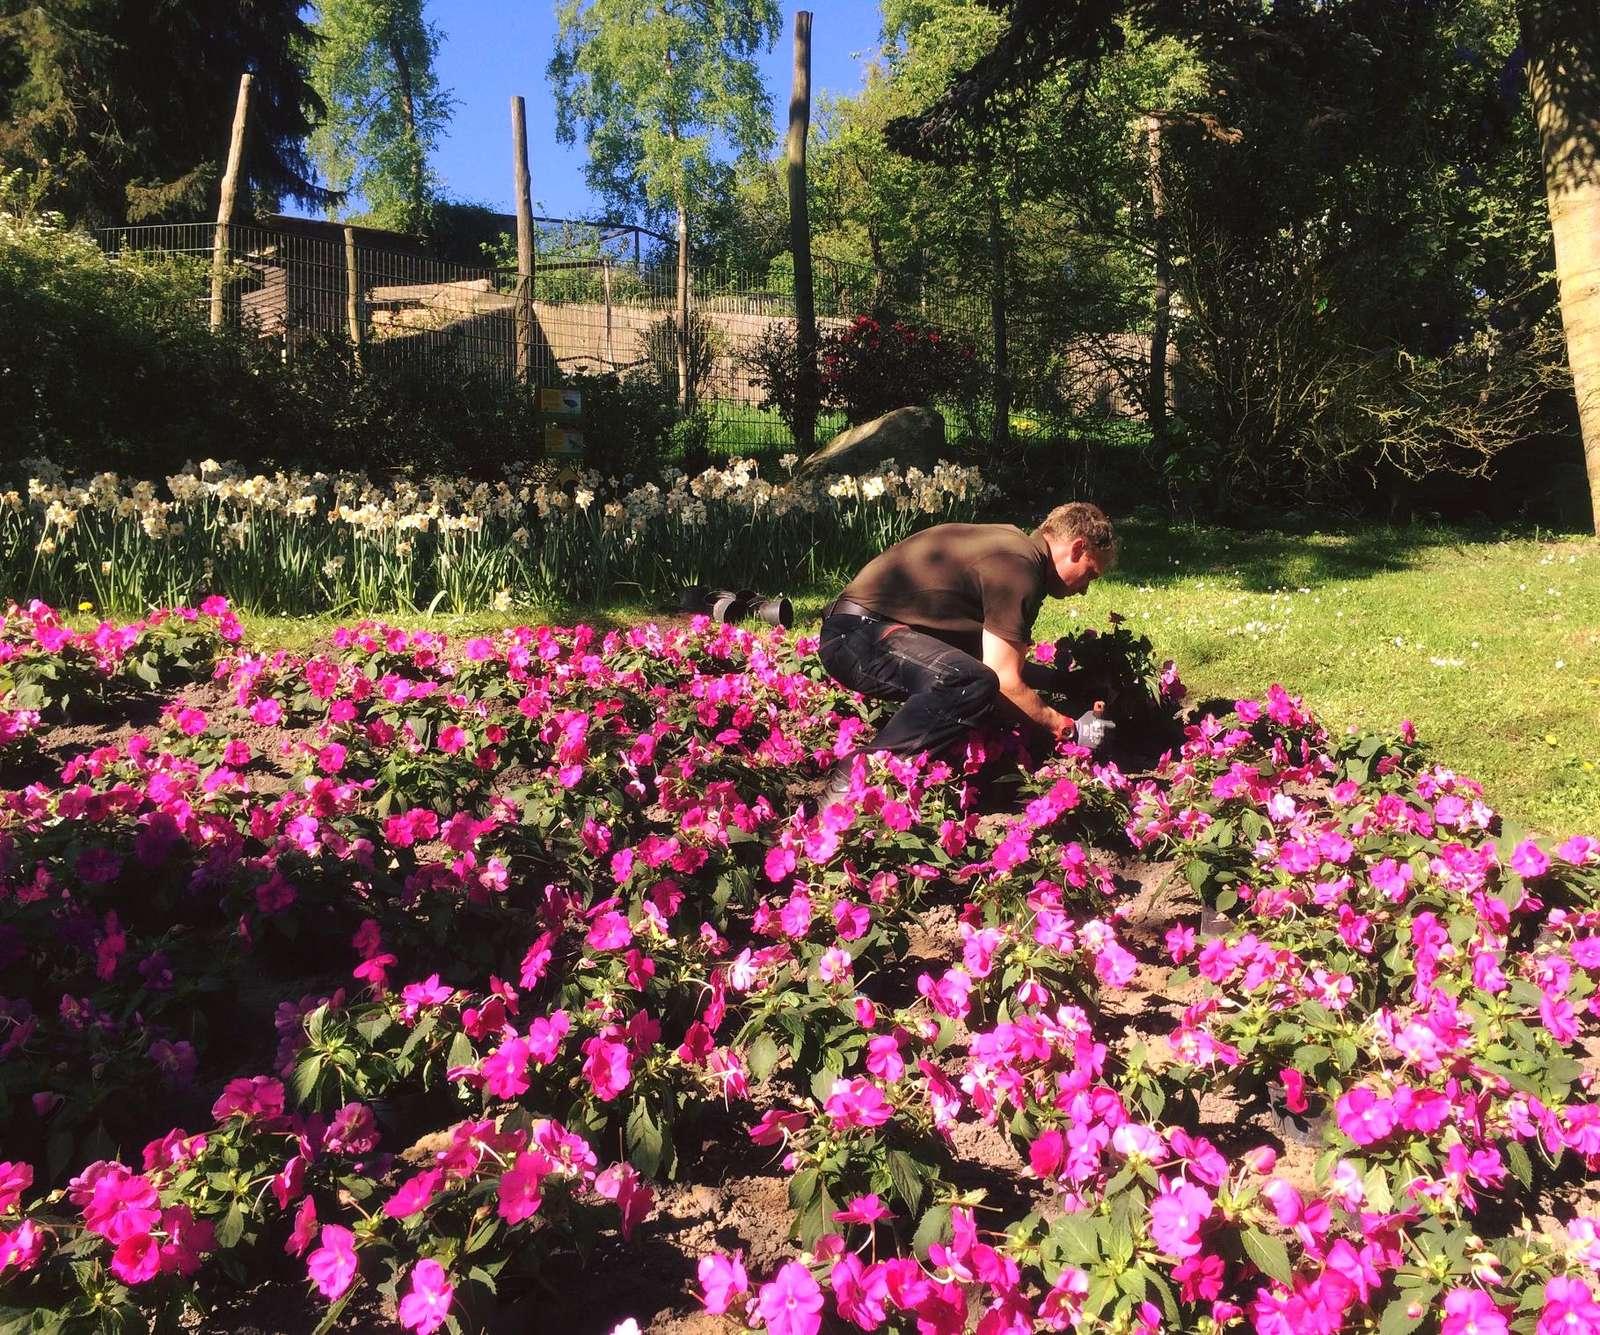 Blumen-Kampagne - Die Zweite - Nach den Narzissen ist vor den Sommerblumen!